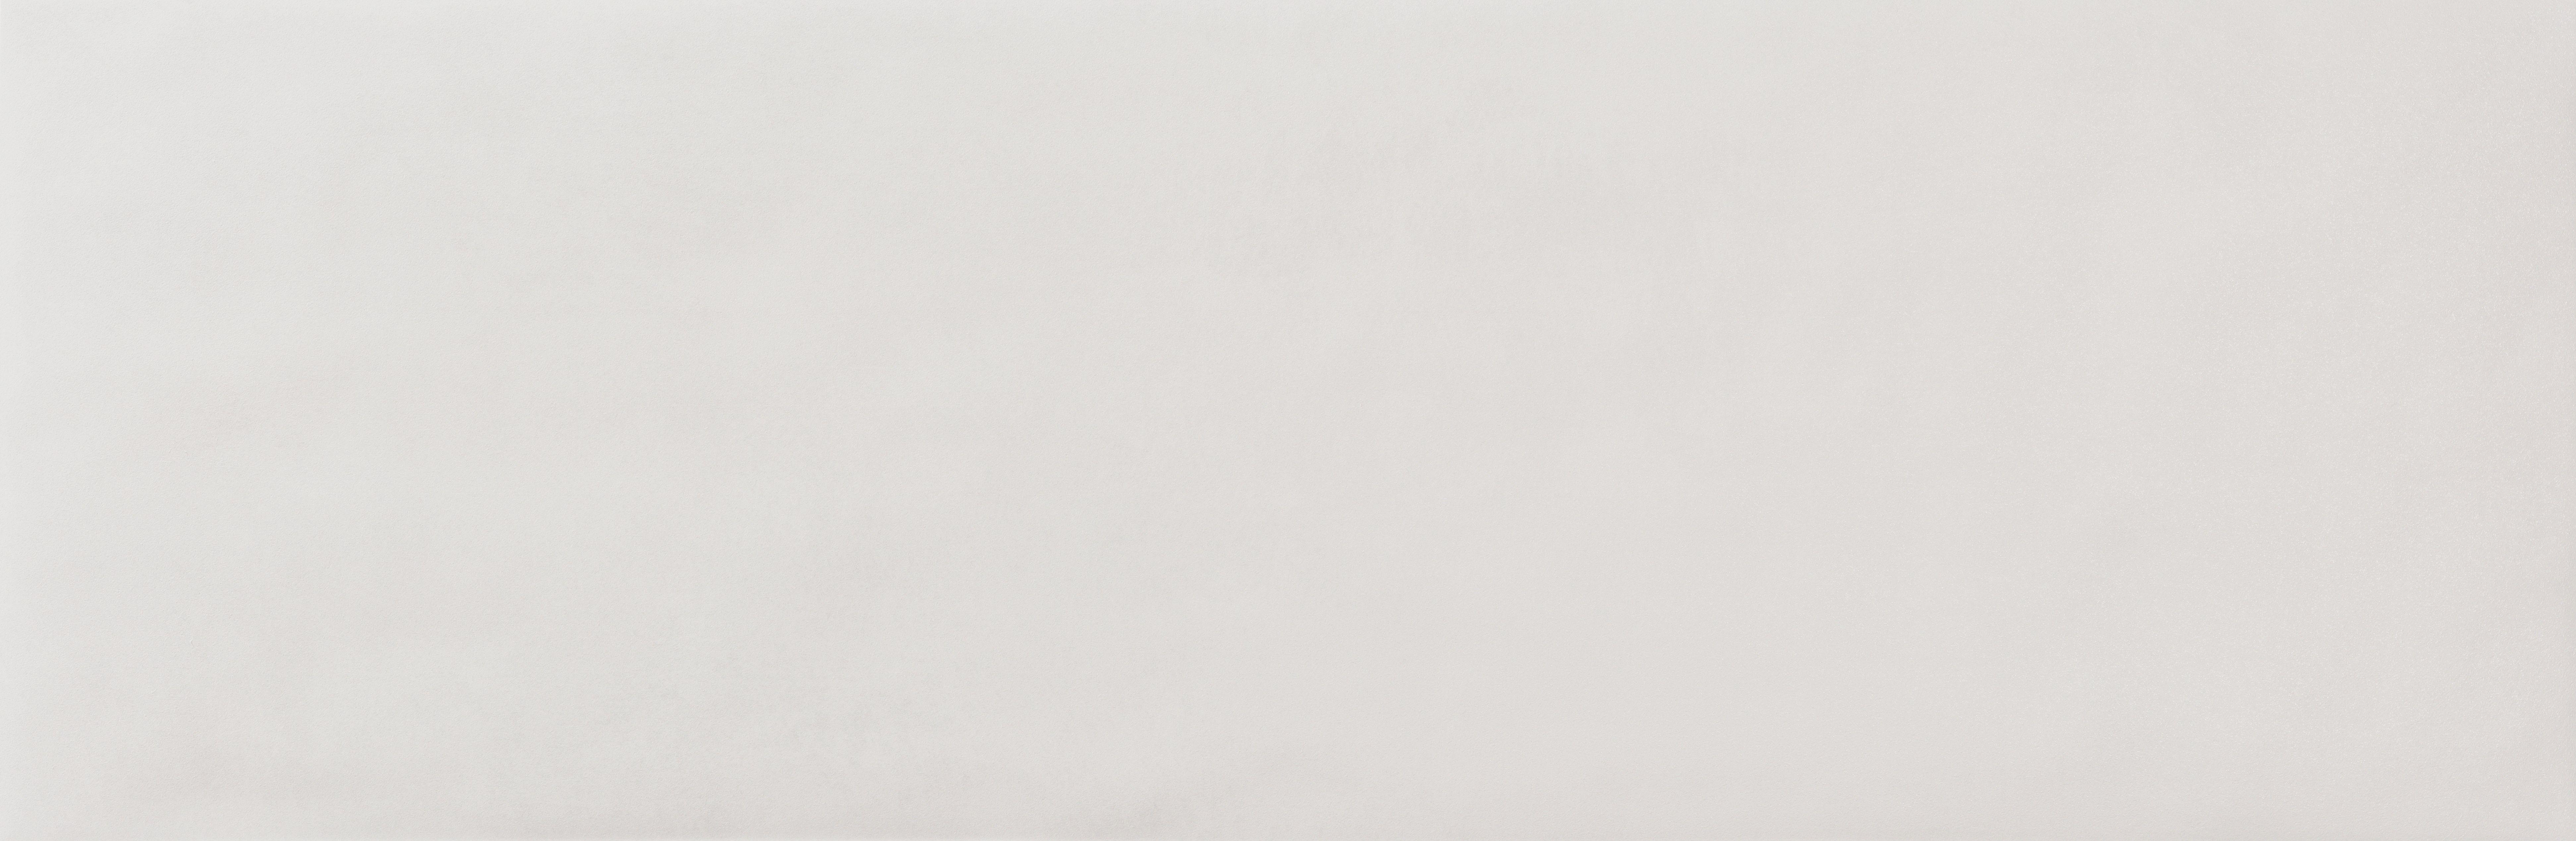 JÄÄK Newton white 30x90 - Hansas Plaadimaailm